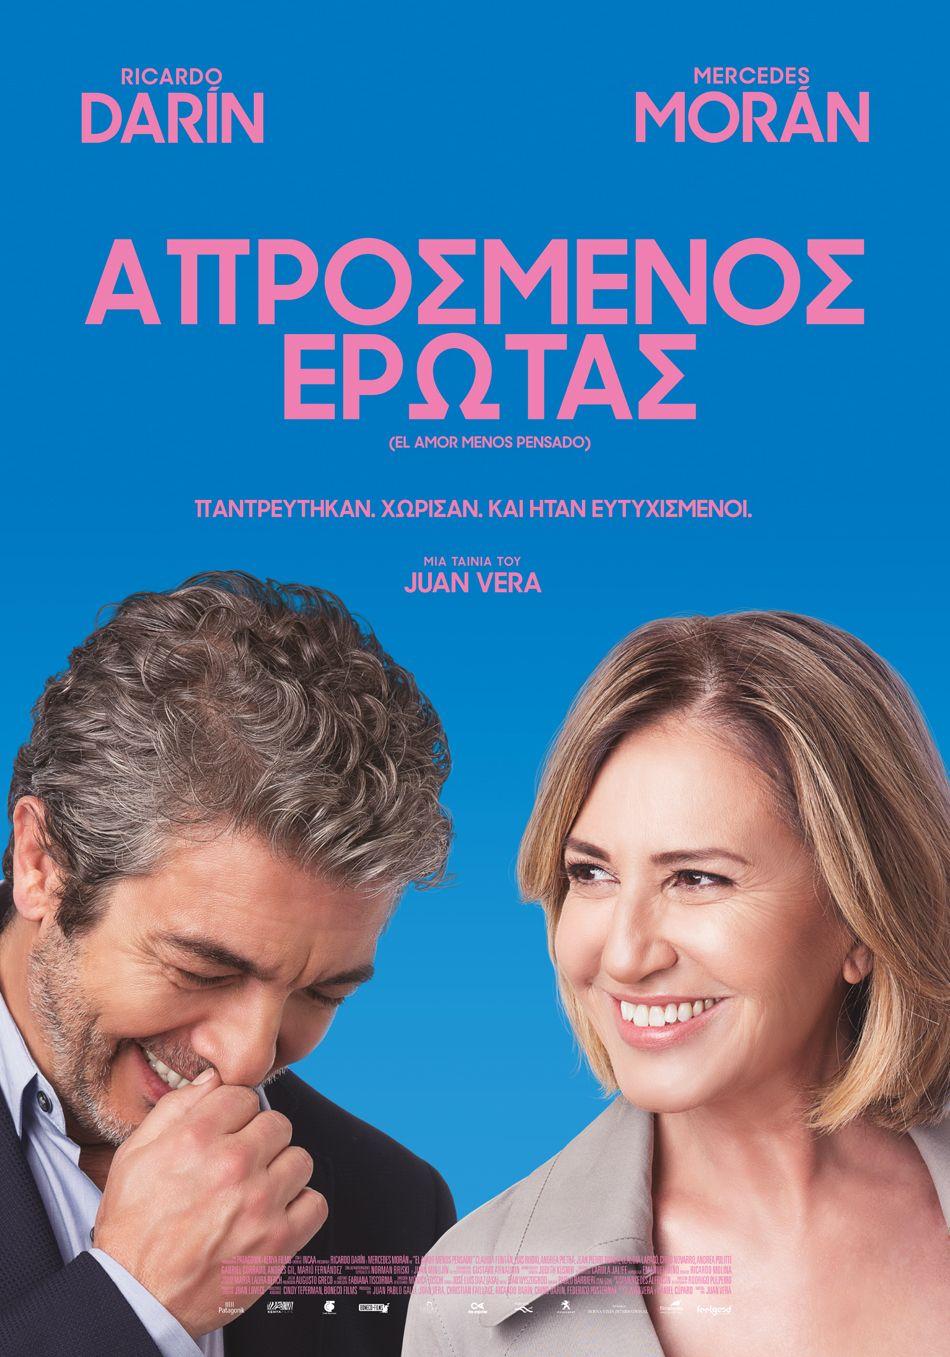 Απρόσμενος Έρωτας (El amor menos pensado) Poster Πόστερ